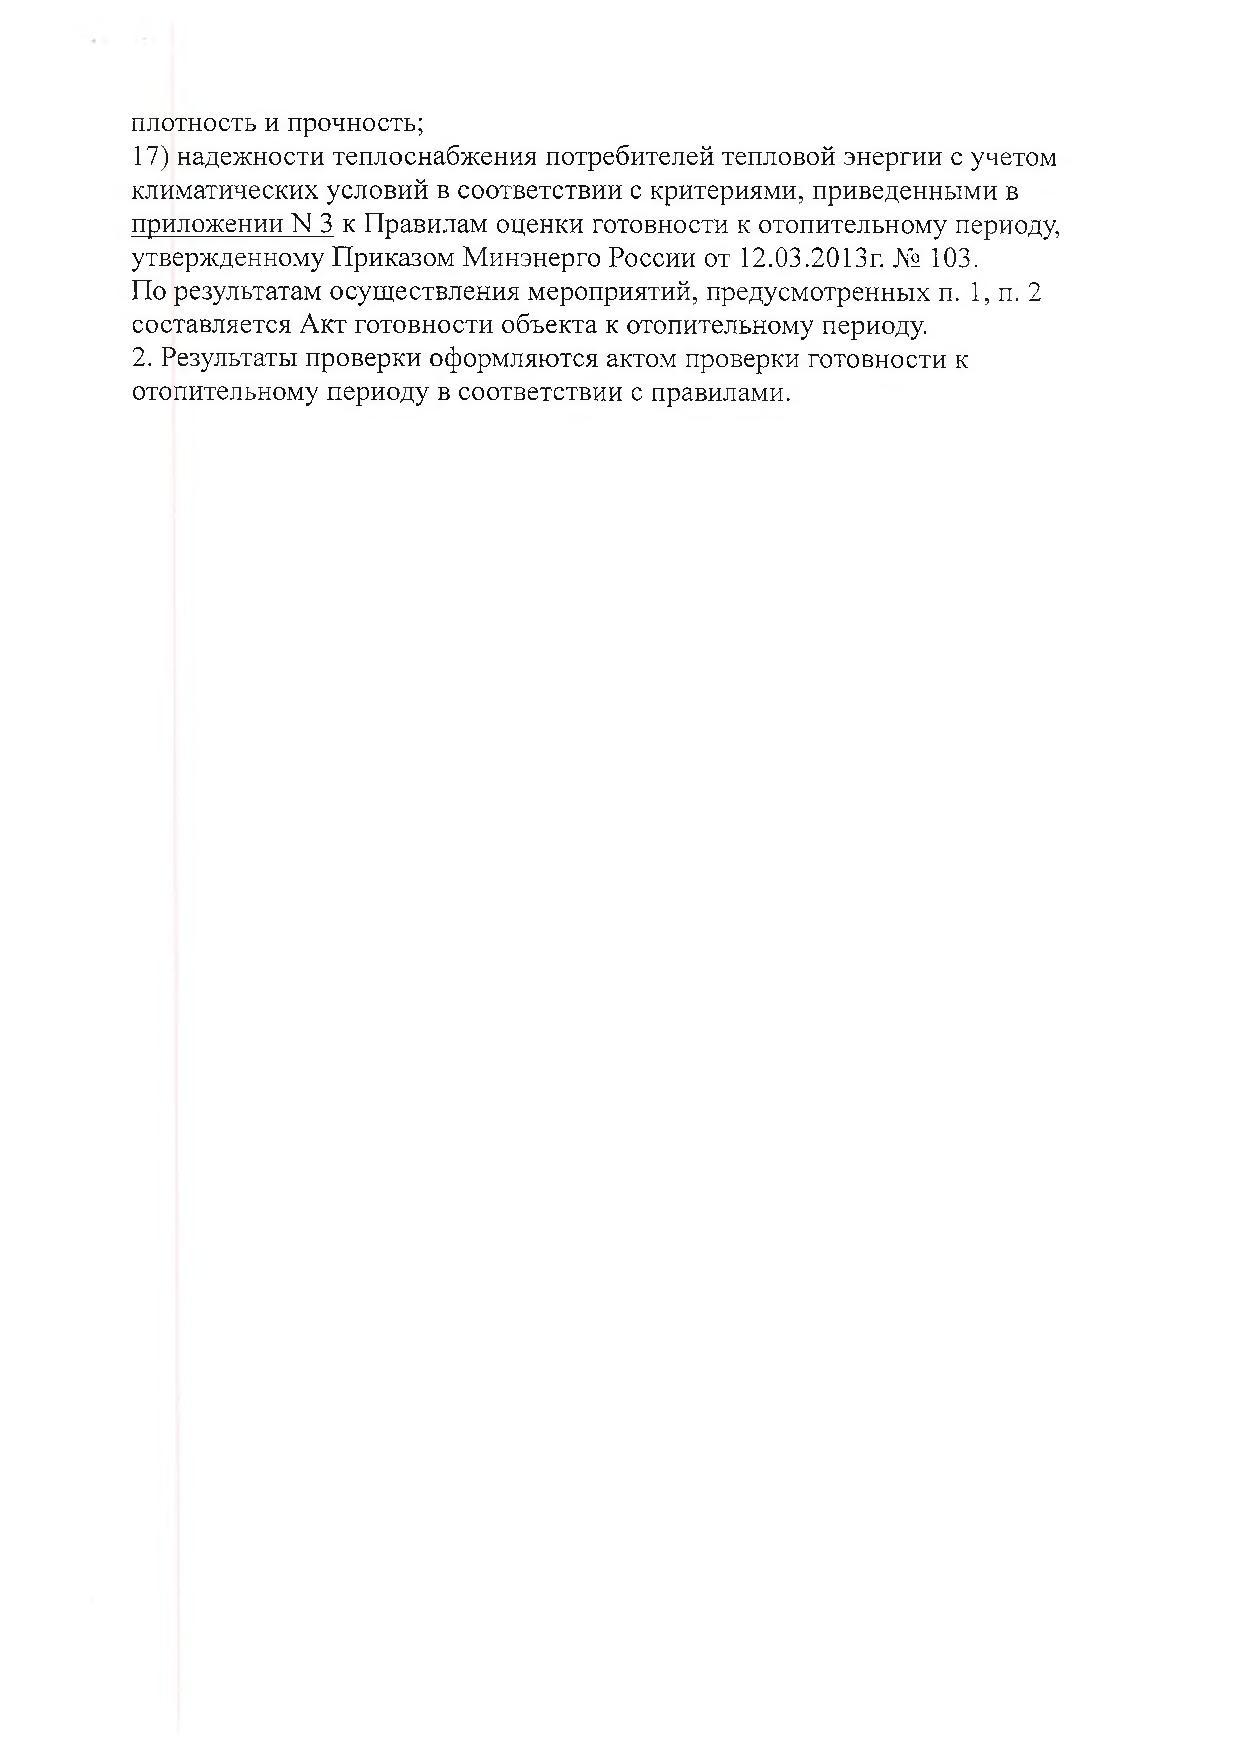 Об утверждении правил оценки готовности к отопительному периоду | ооо «техкрантест»